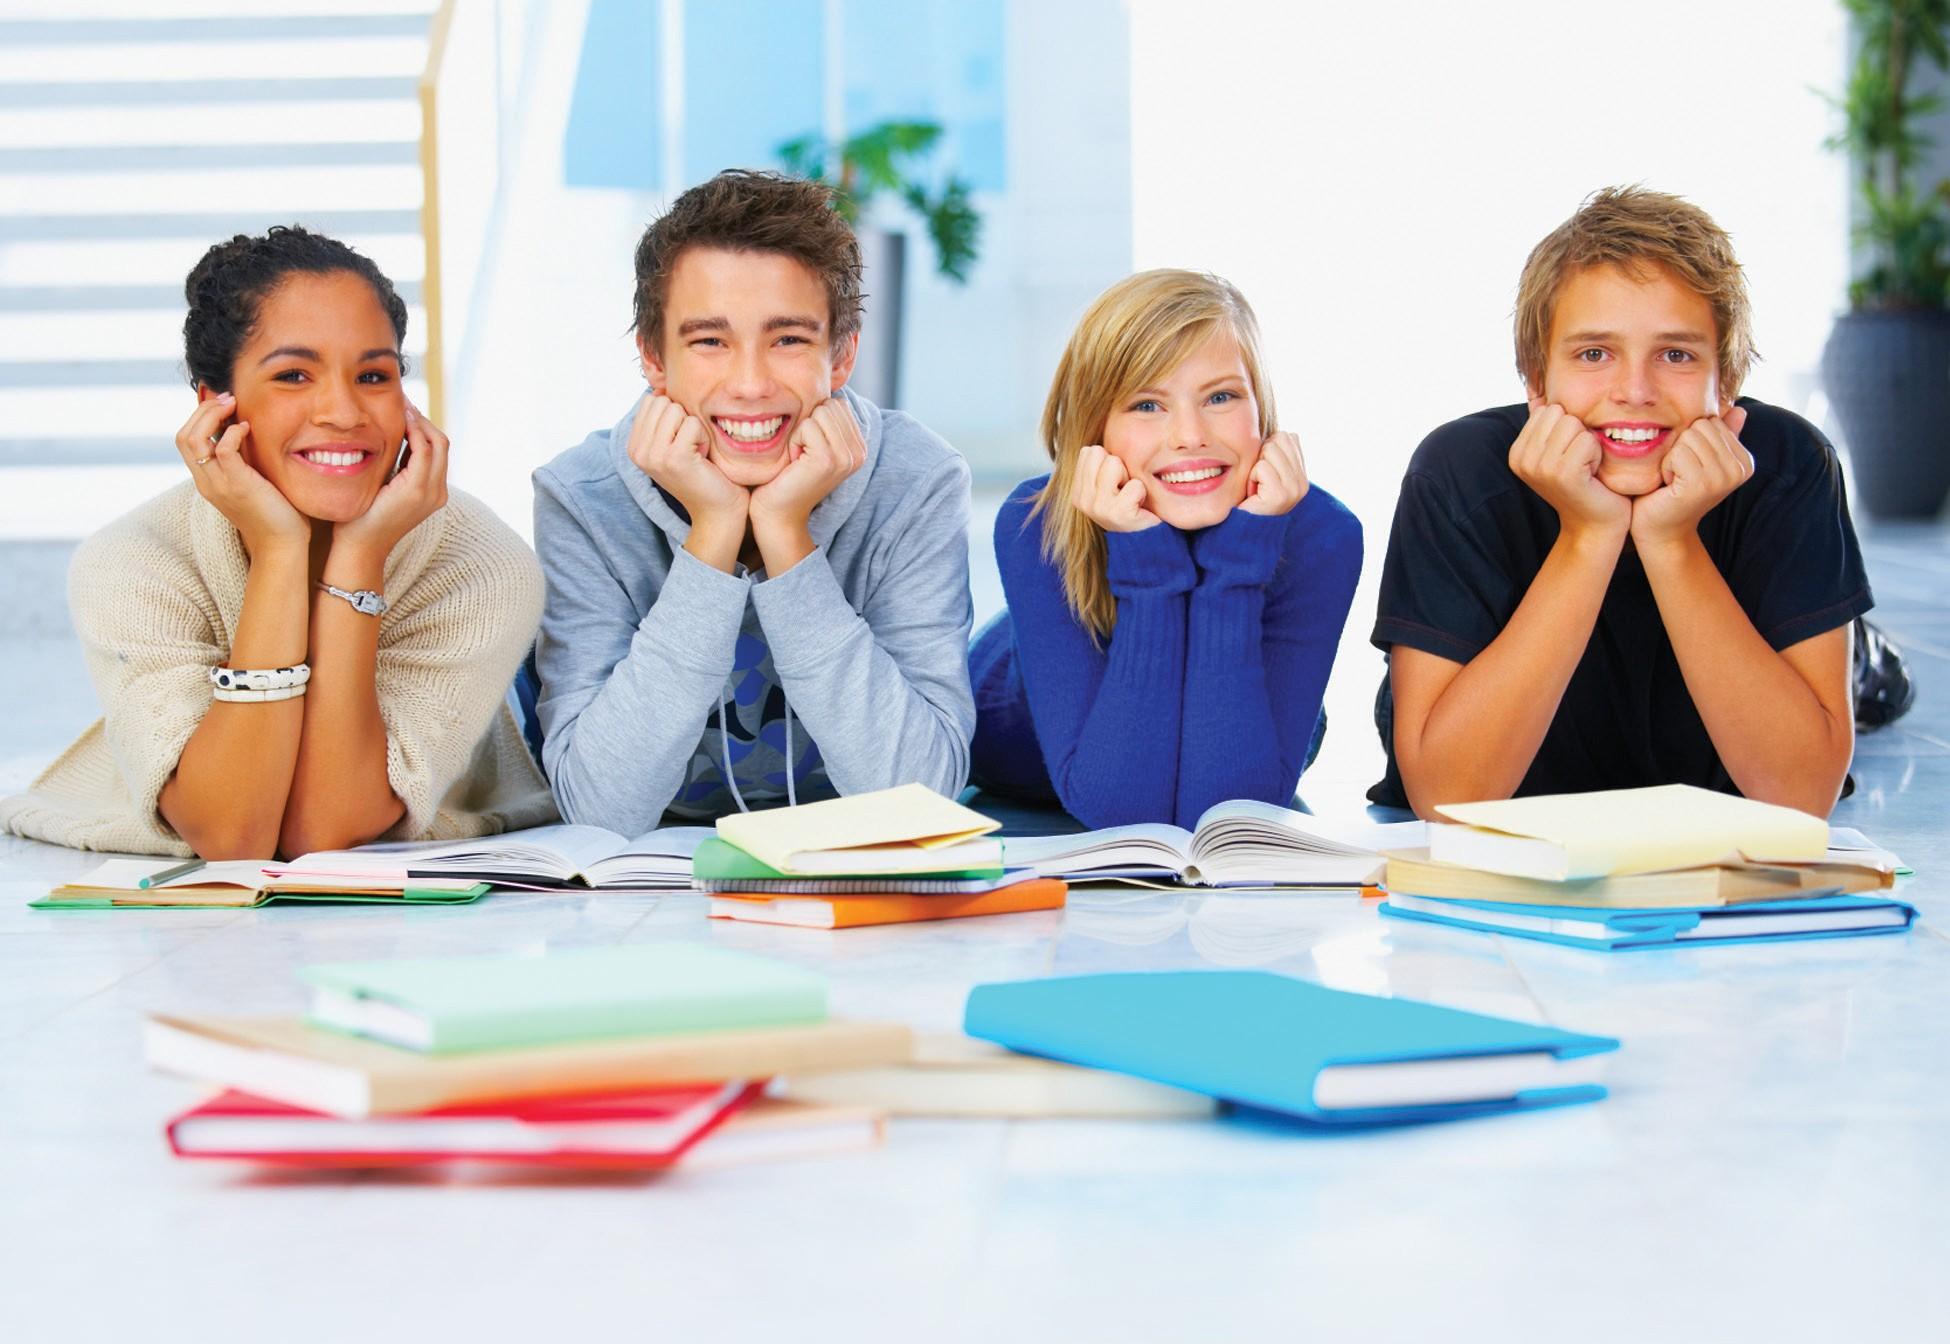 Ученые установили что изучение иностранного языка улучшает внимание